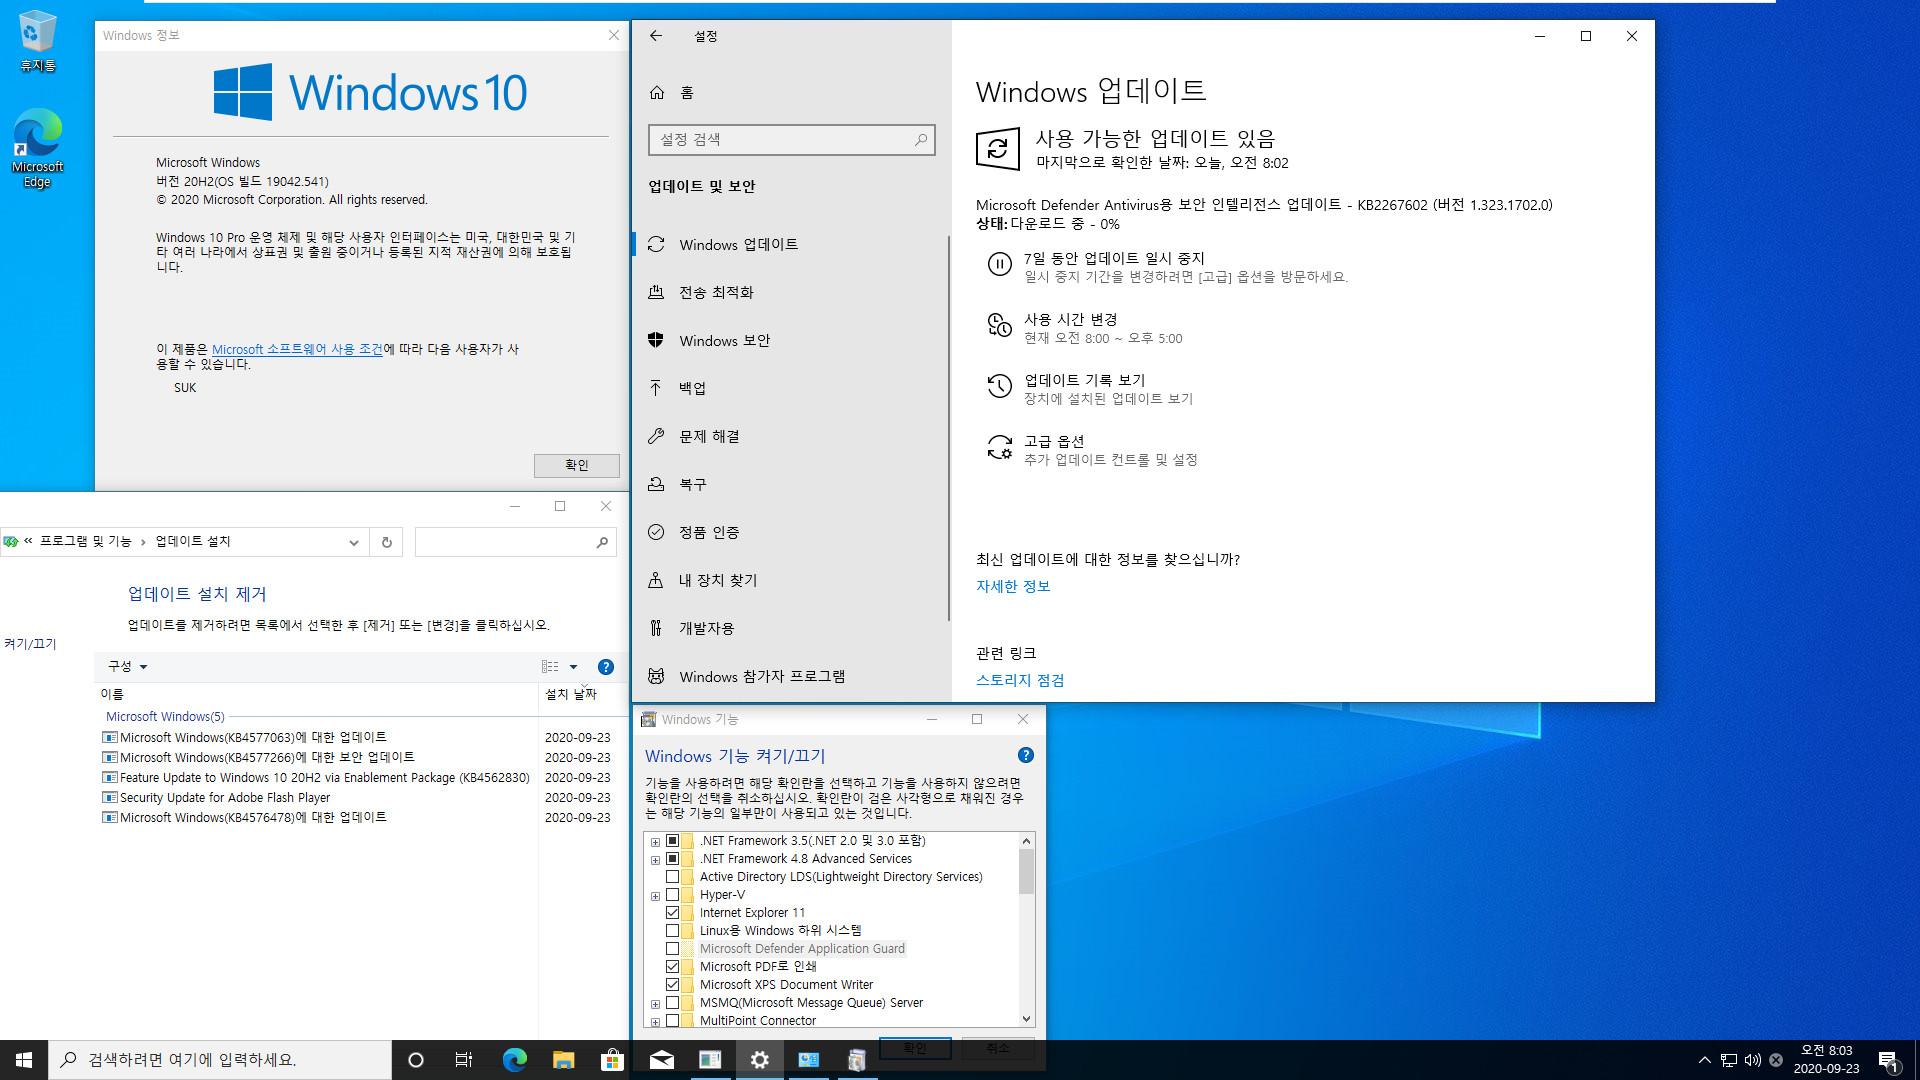 2020-09-23 업데이트 통합 PRO x64 2개 - Windows 10 버전 2004 + 버전 20H2 누적 업데이트 KB4577063 (OS 빌드 19041.541 + 19042.541) - 설치 테스트 2020-09-23_080300.jpg